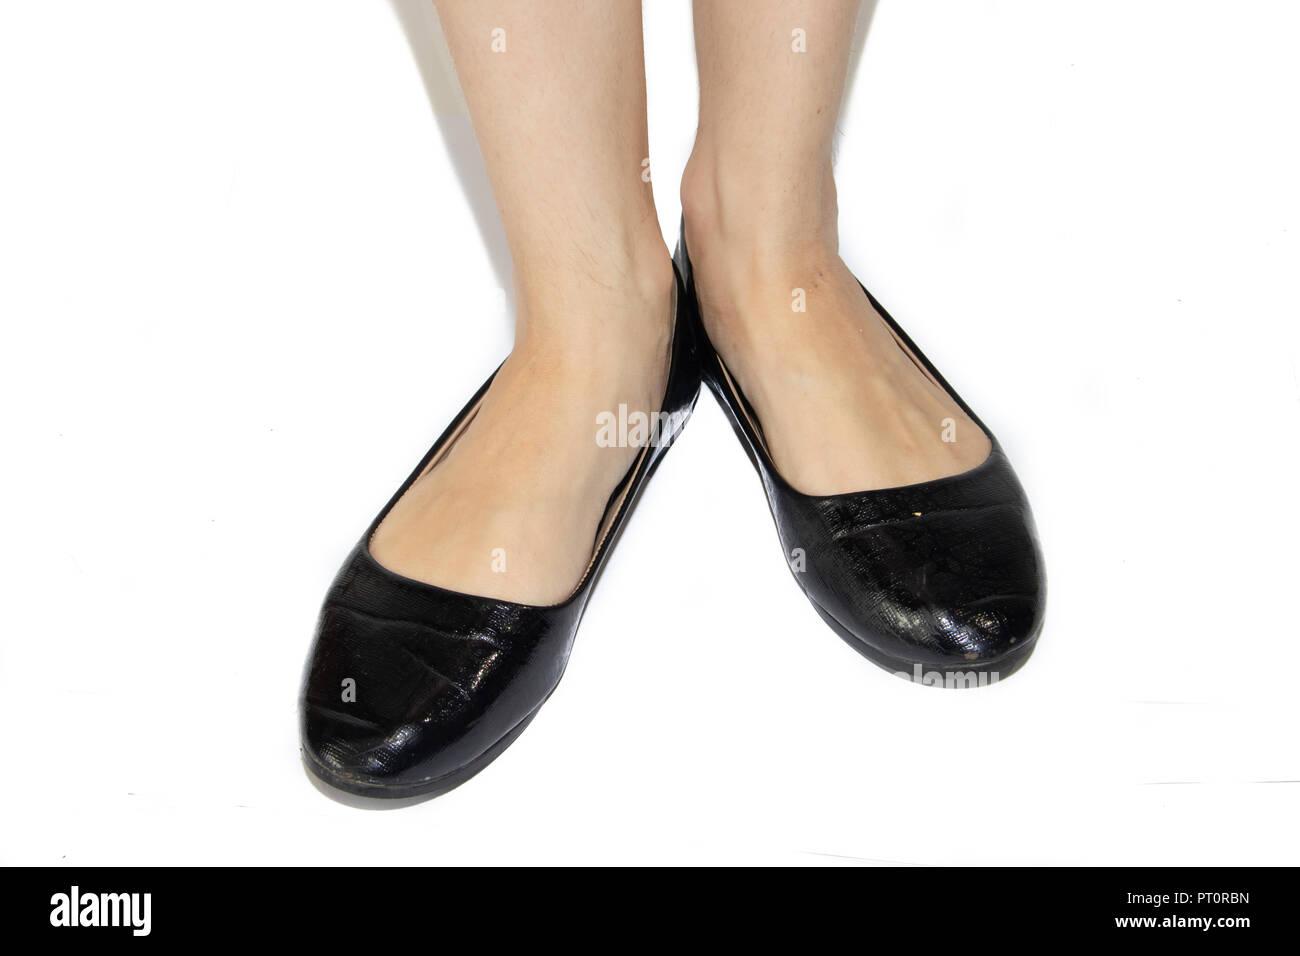 separation shoes 76f77 7301c Schwarze Ballerinas auf weibliche Beine auf einem weißen ...